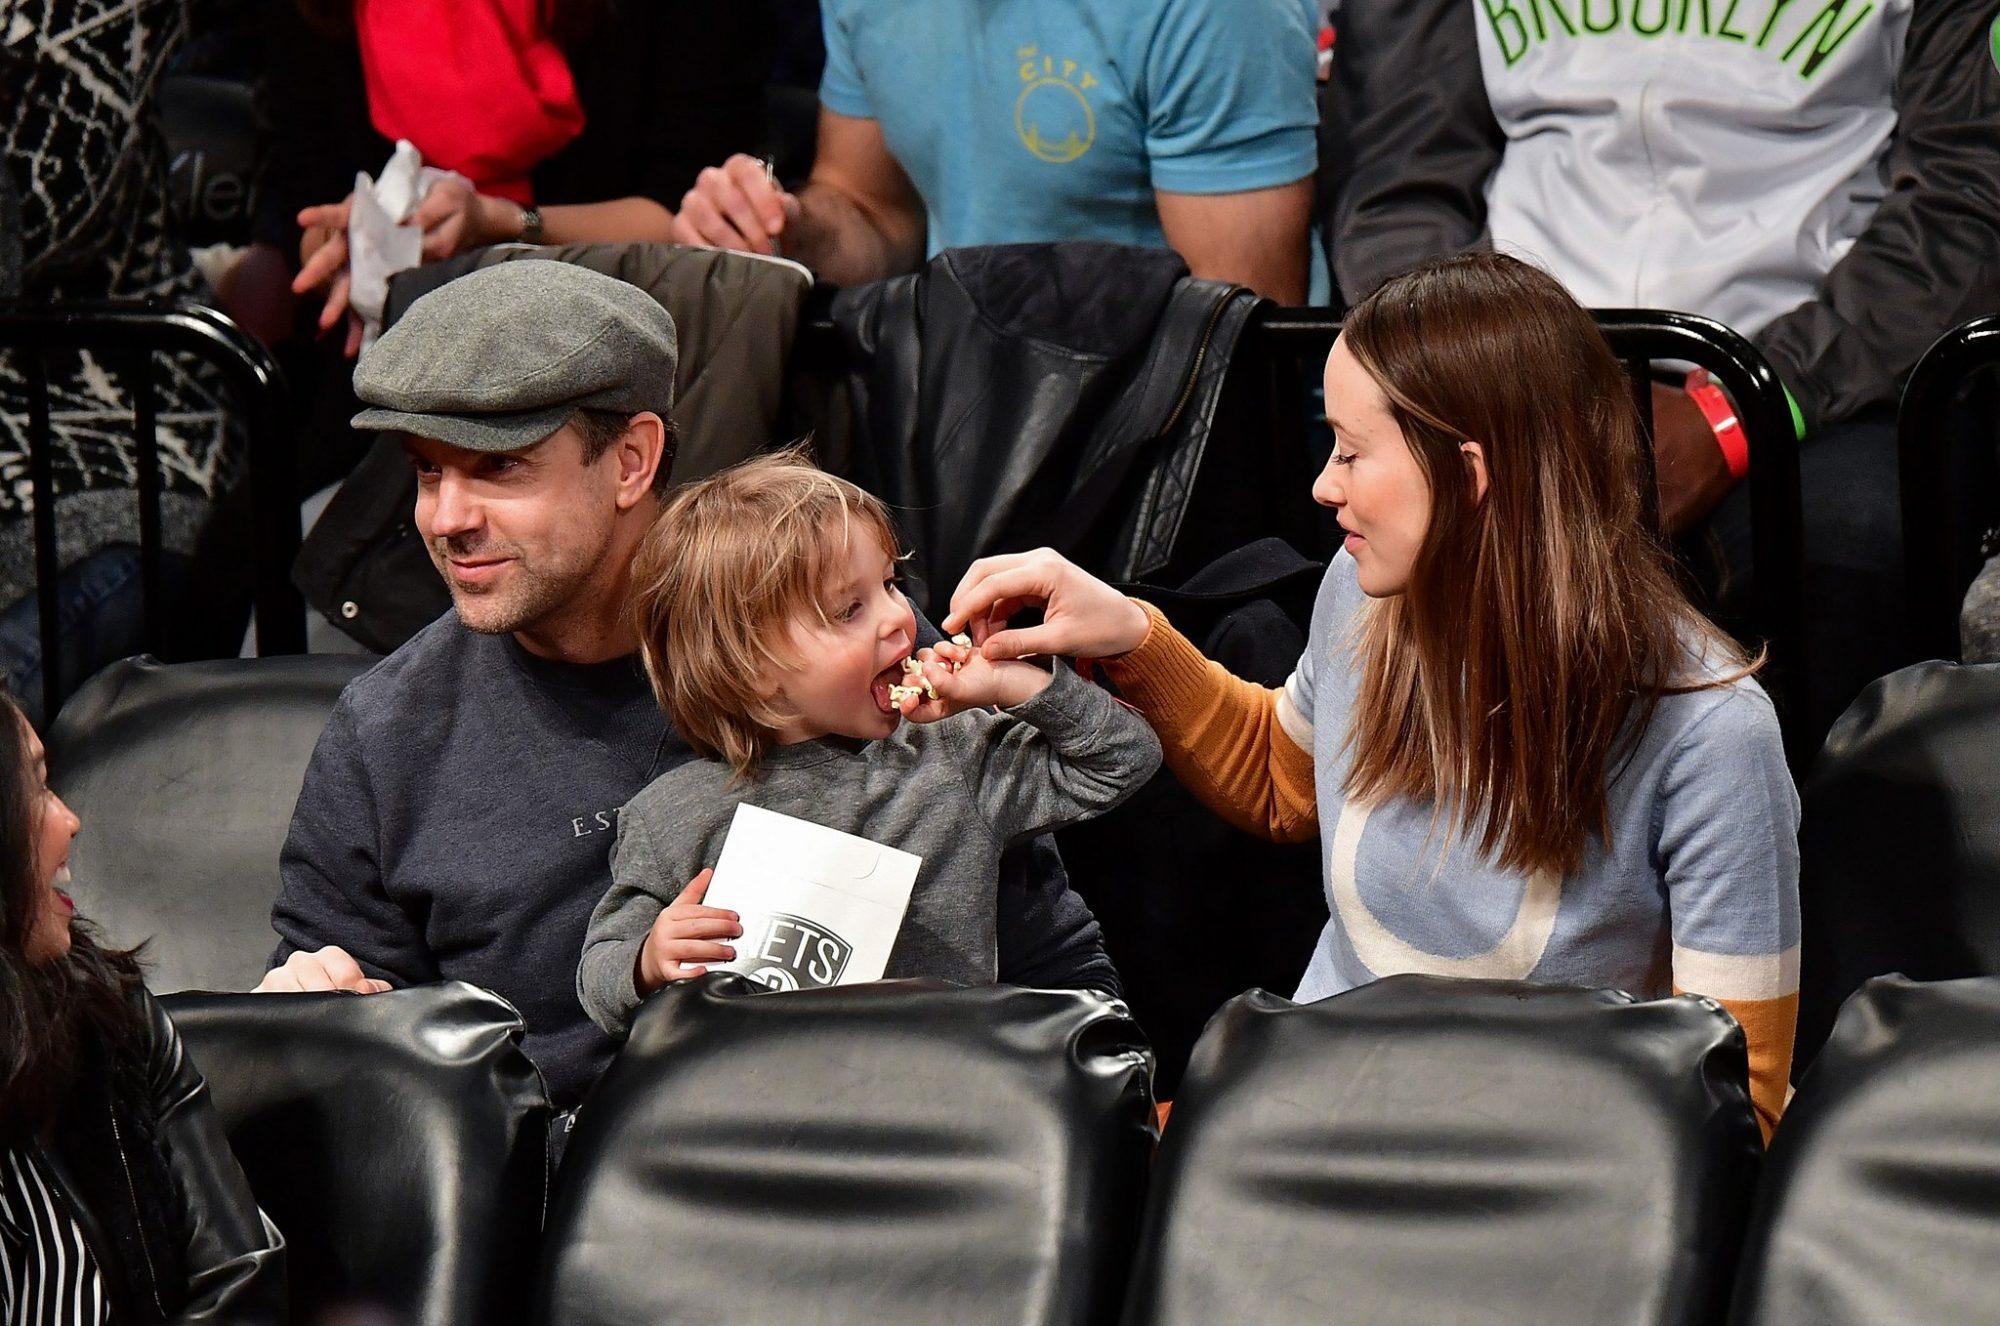 Olivia-Wilde-Her-Family-Brooklyn-Nets-Game-Dec-2016.jpg